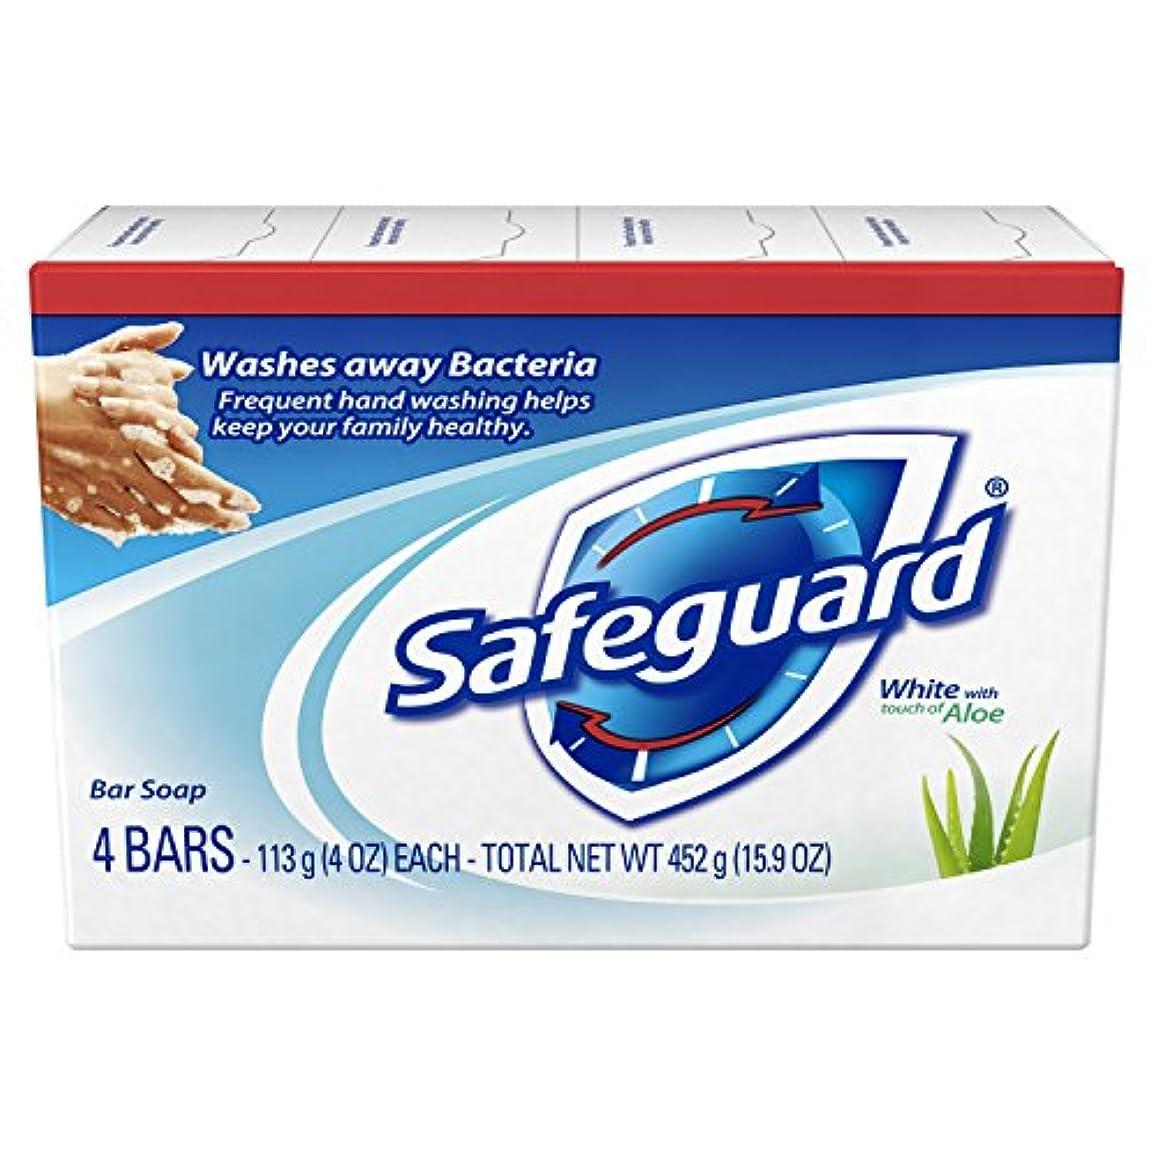 聖域流行しているこれらSafeguard アロエ4オズバー、4EA(5パック)で抗菌消臭石鹸ホワイト 5パック